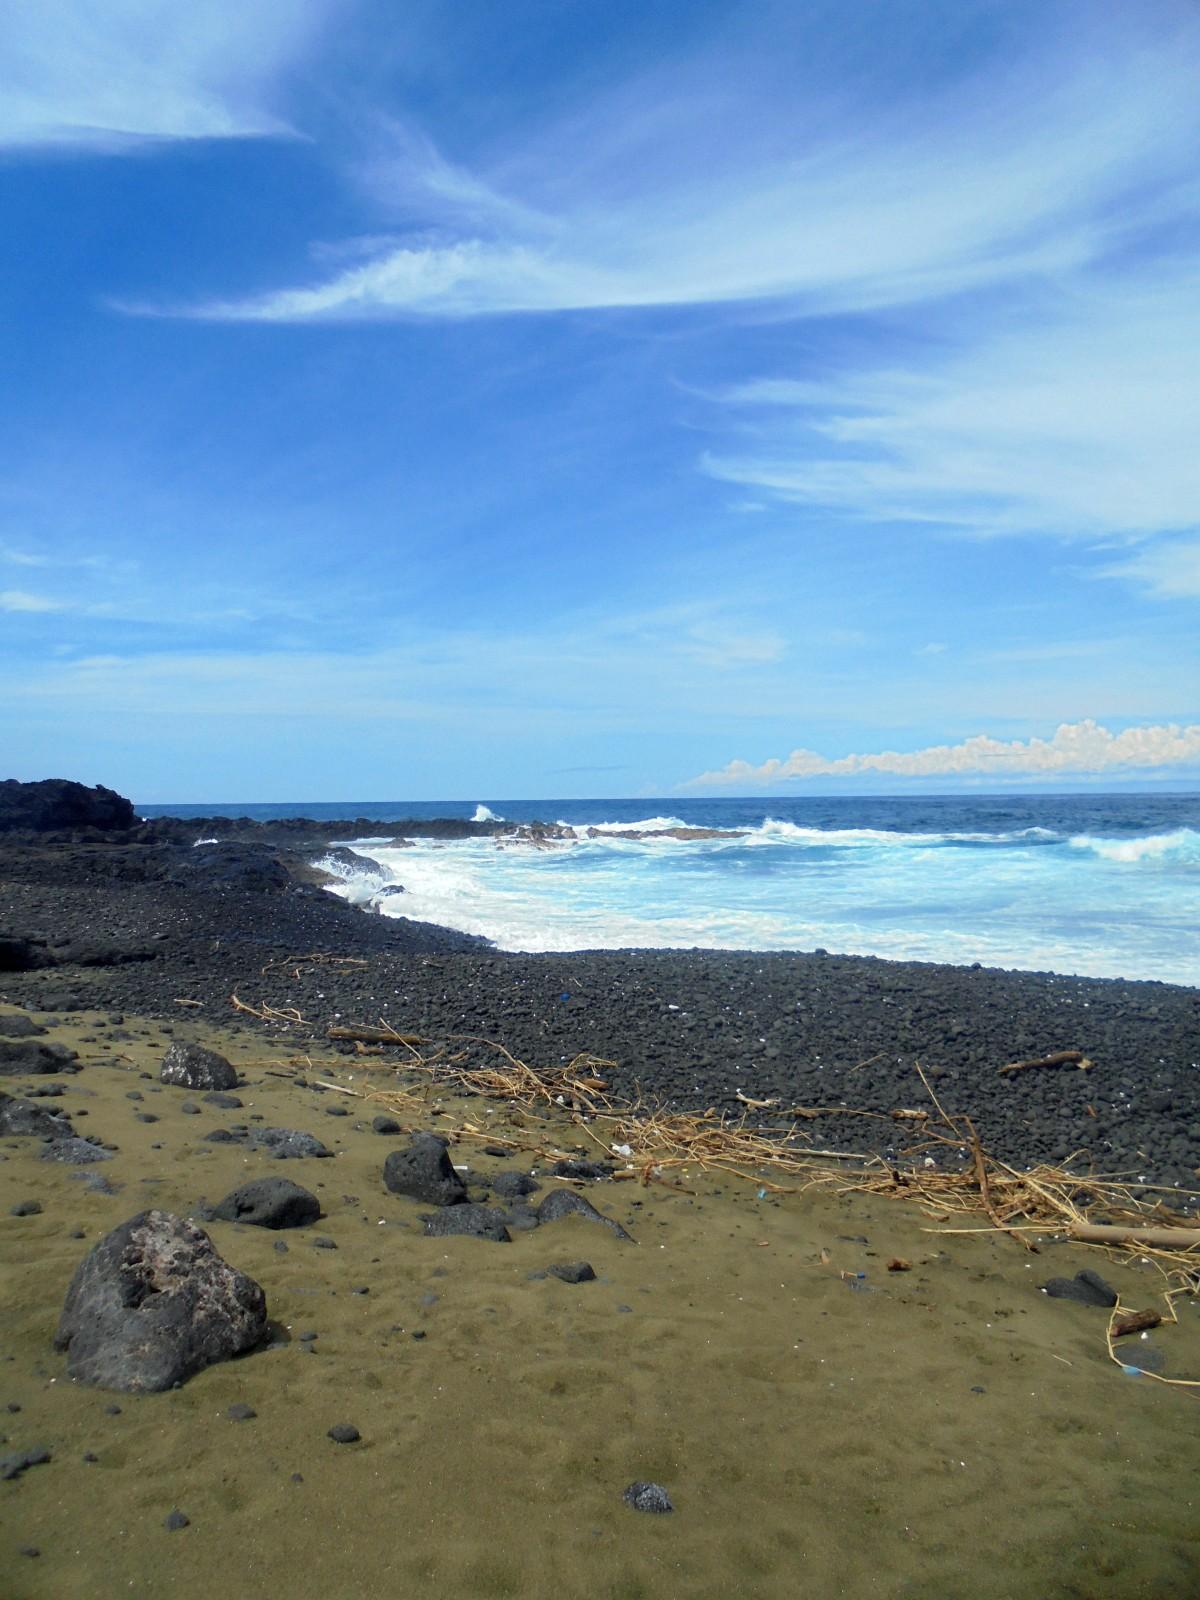 Plage volcanique, Sainte Rose, Ile de la Réunion